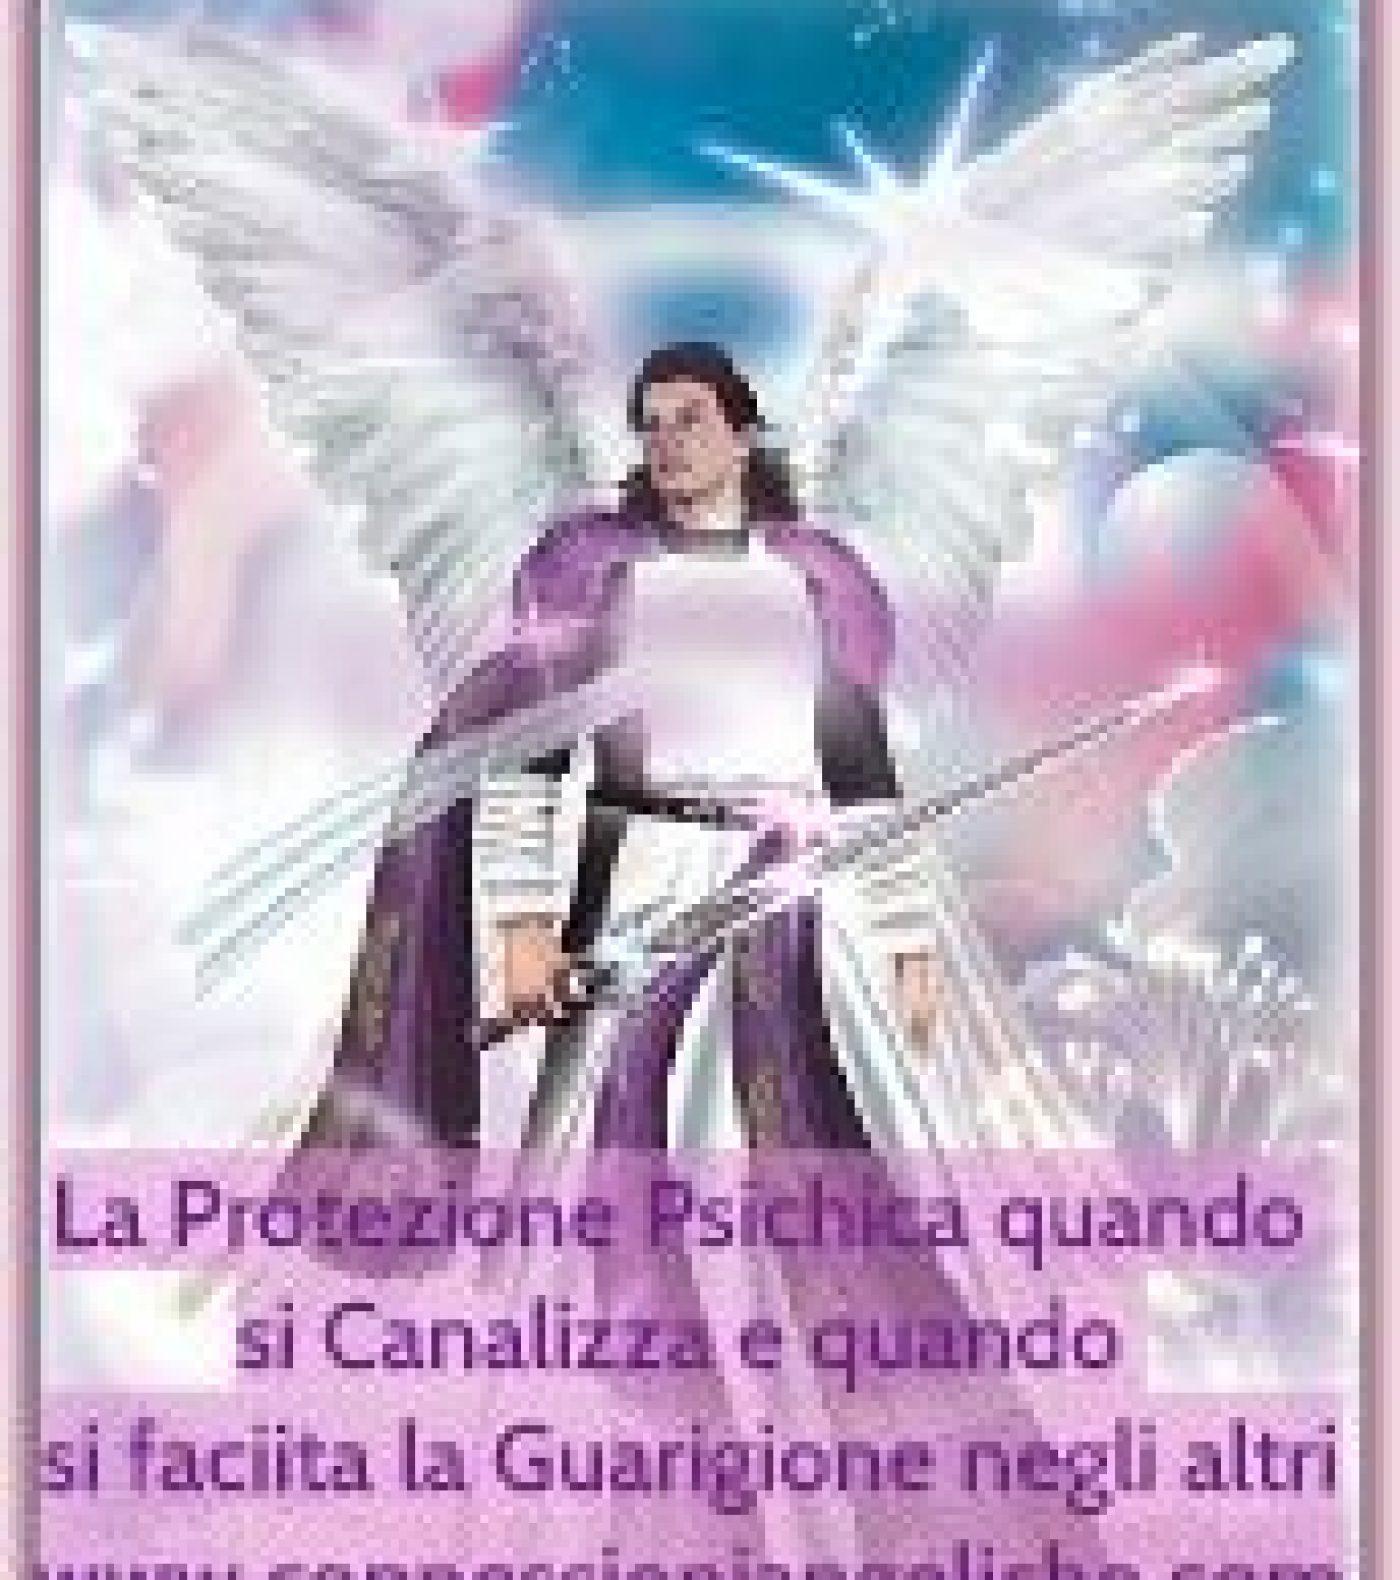 ROSSELLA PANI: PERCHE' PROTEGGERSI QUANDO SI RICEVONO I MESSAGGI DEGLI ANGELI E QUANDO SI FACILITA LA GUARIGIONE NELLE ALTRE PERSONE.